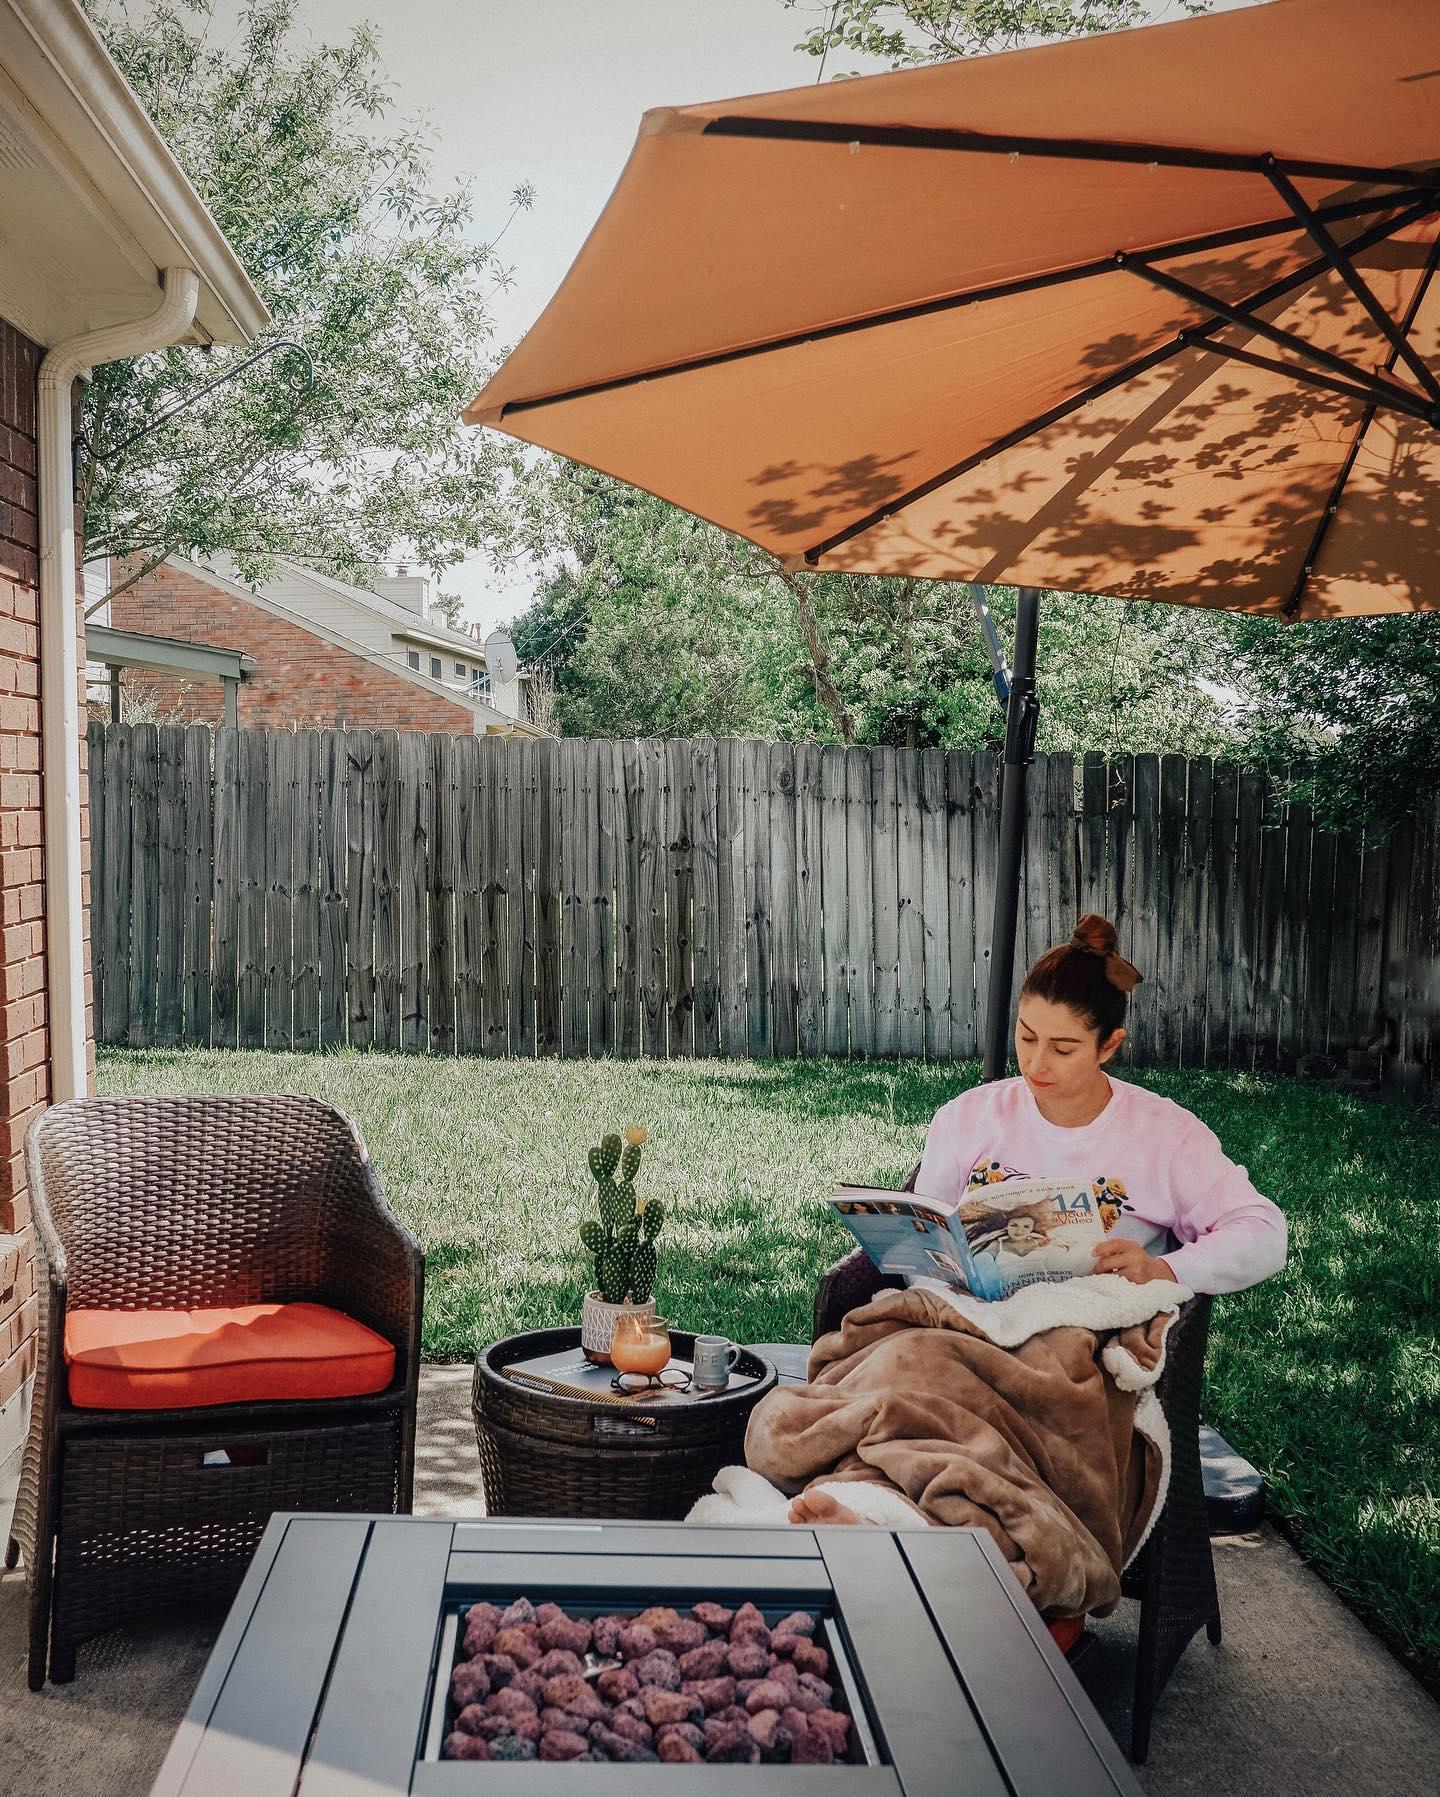 Calm outdoor living Instagram Post